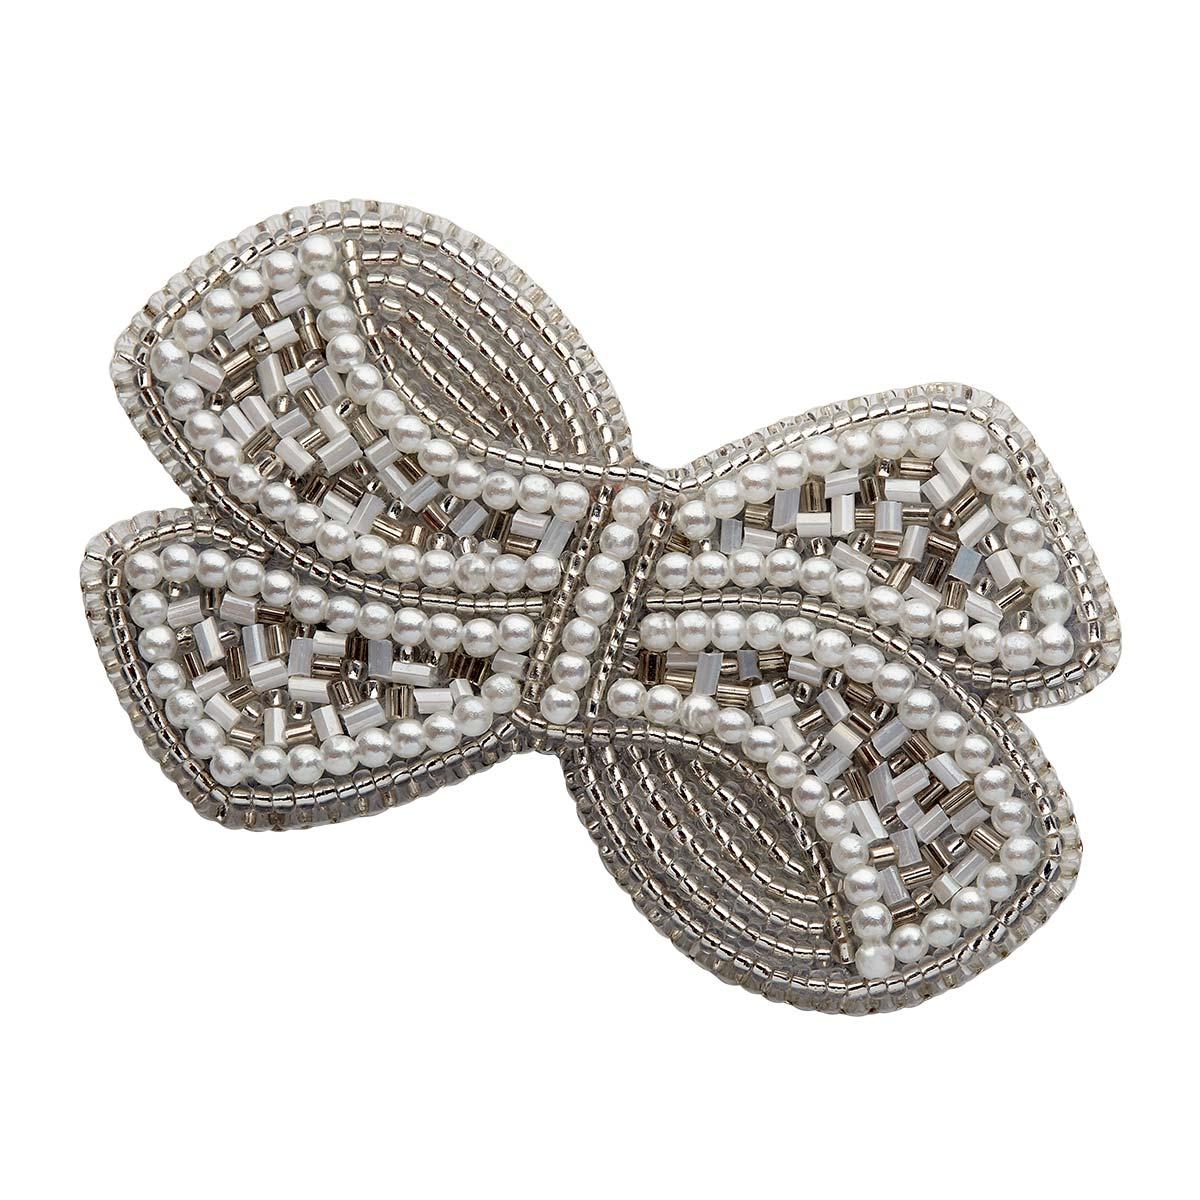 НБР-18005 Набор для вышивания бисером: Брошь «Бант белый с жемчугом».